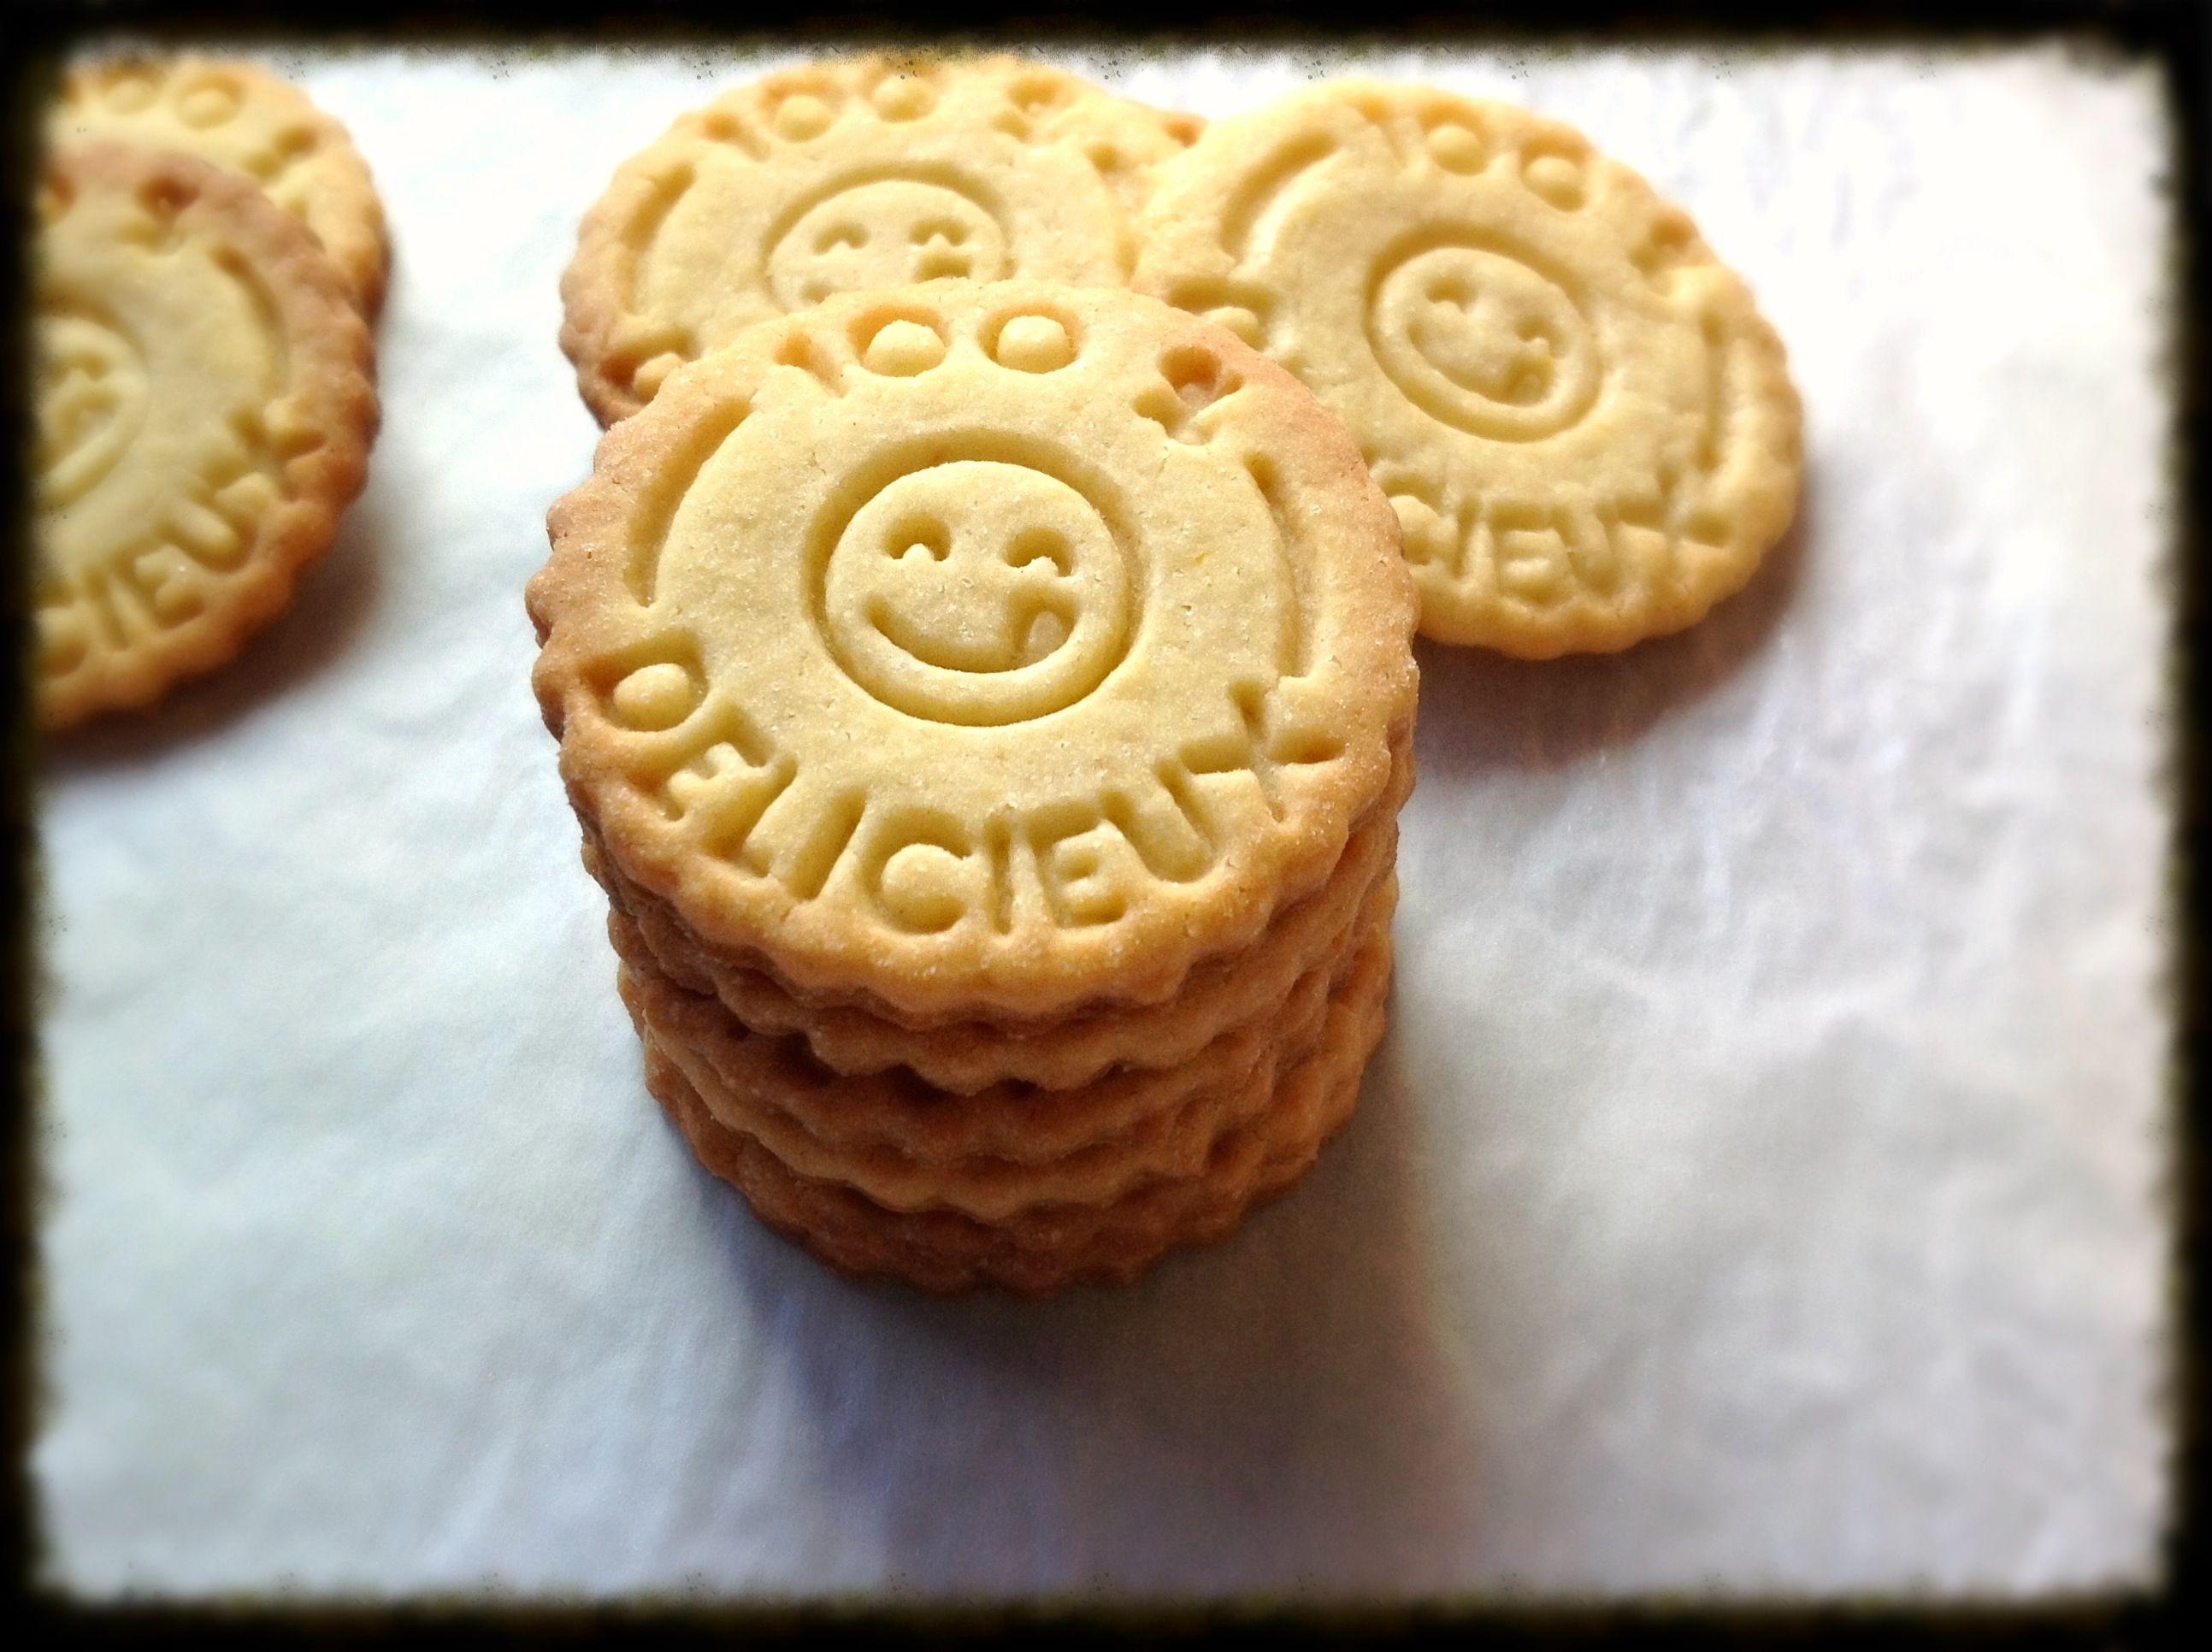 100% delicieux cookies